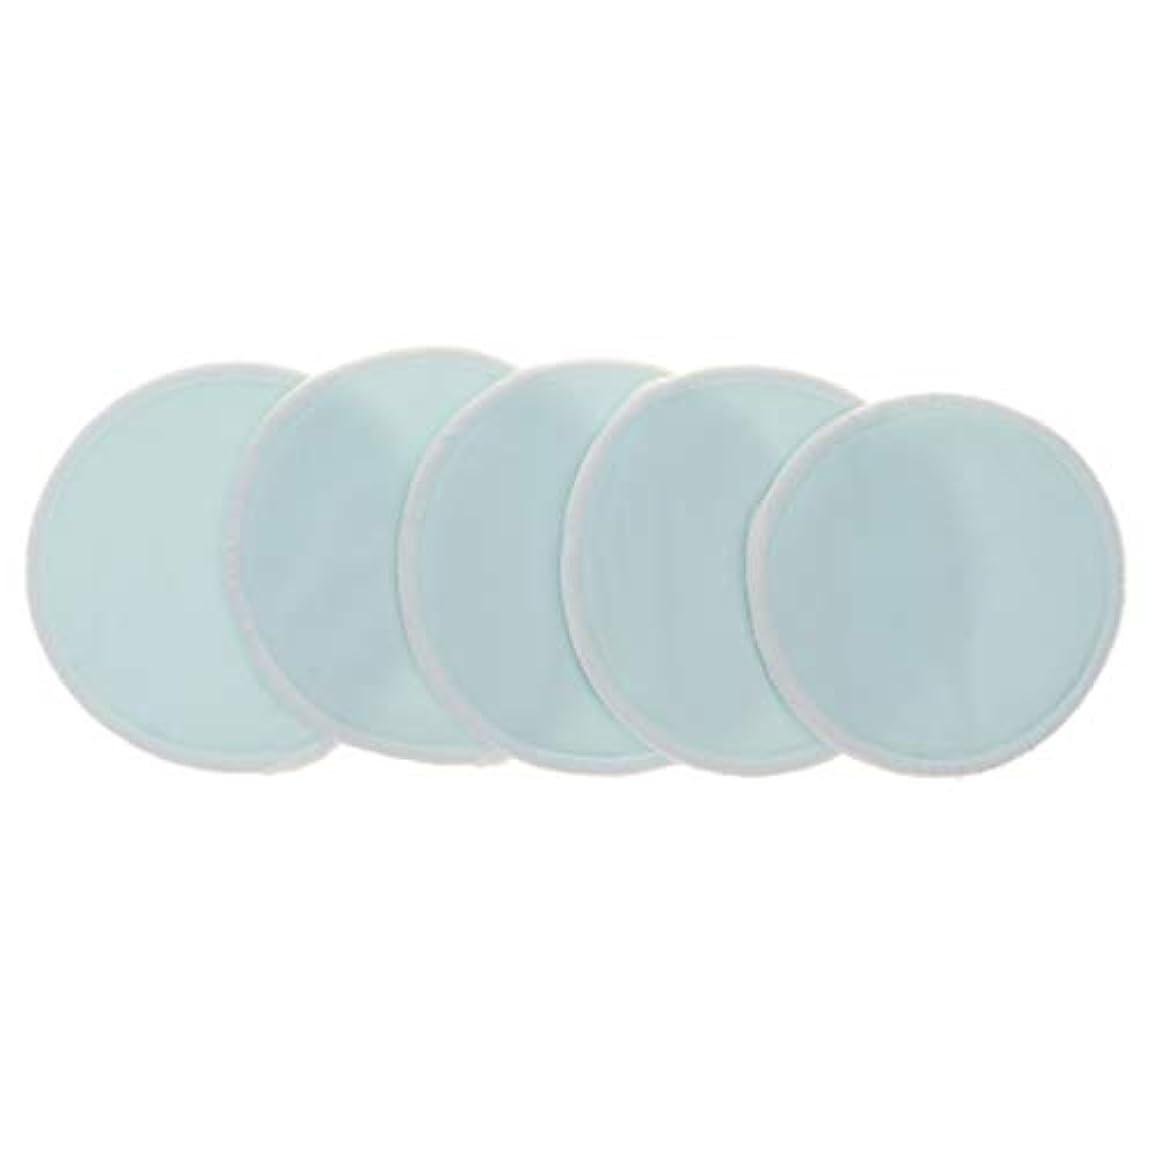 アルネ年金恥ずかしさ全5色 胸パッド クレンジングシート メイクアップ 竹繊維 12cm 洗える 再使用可 実用的 5個入 - 青